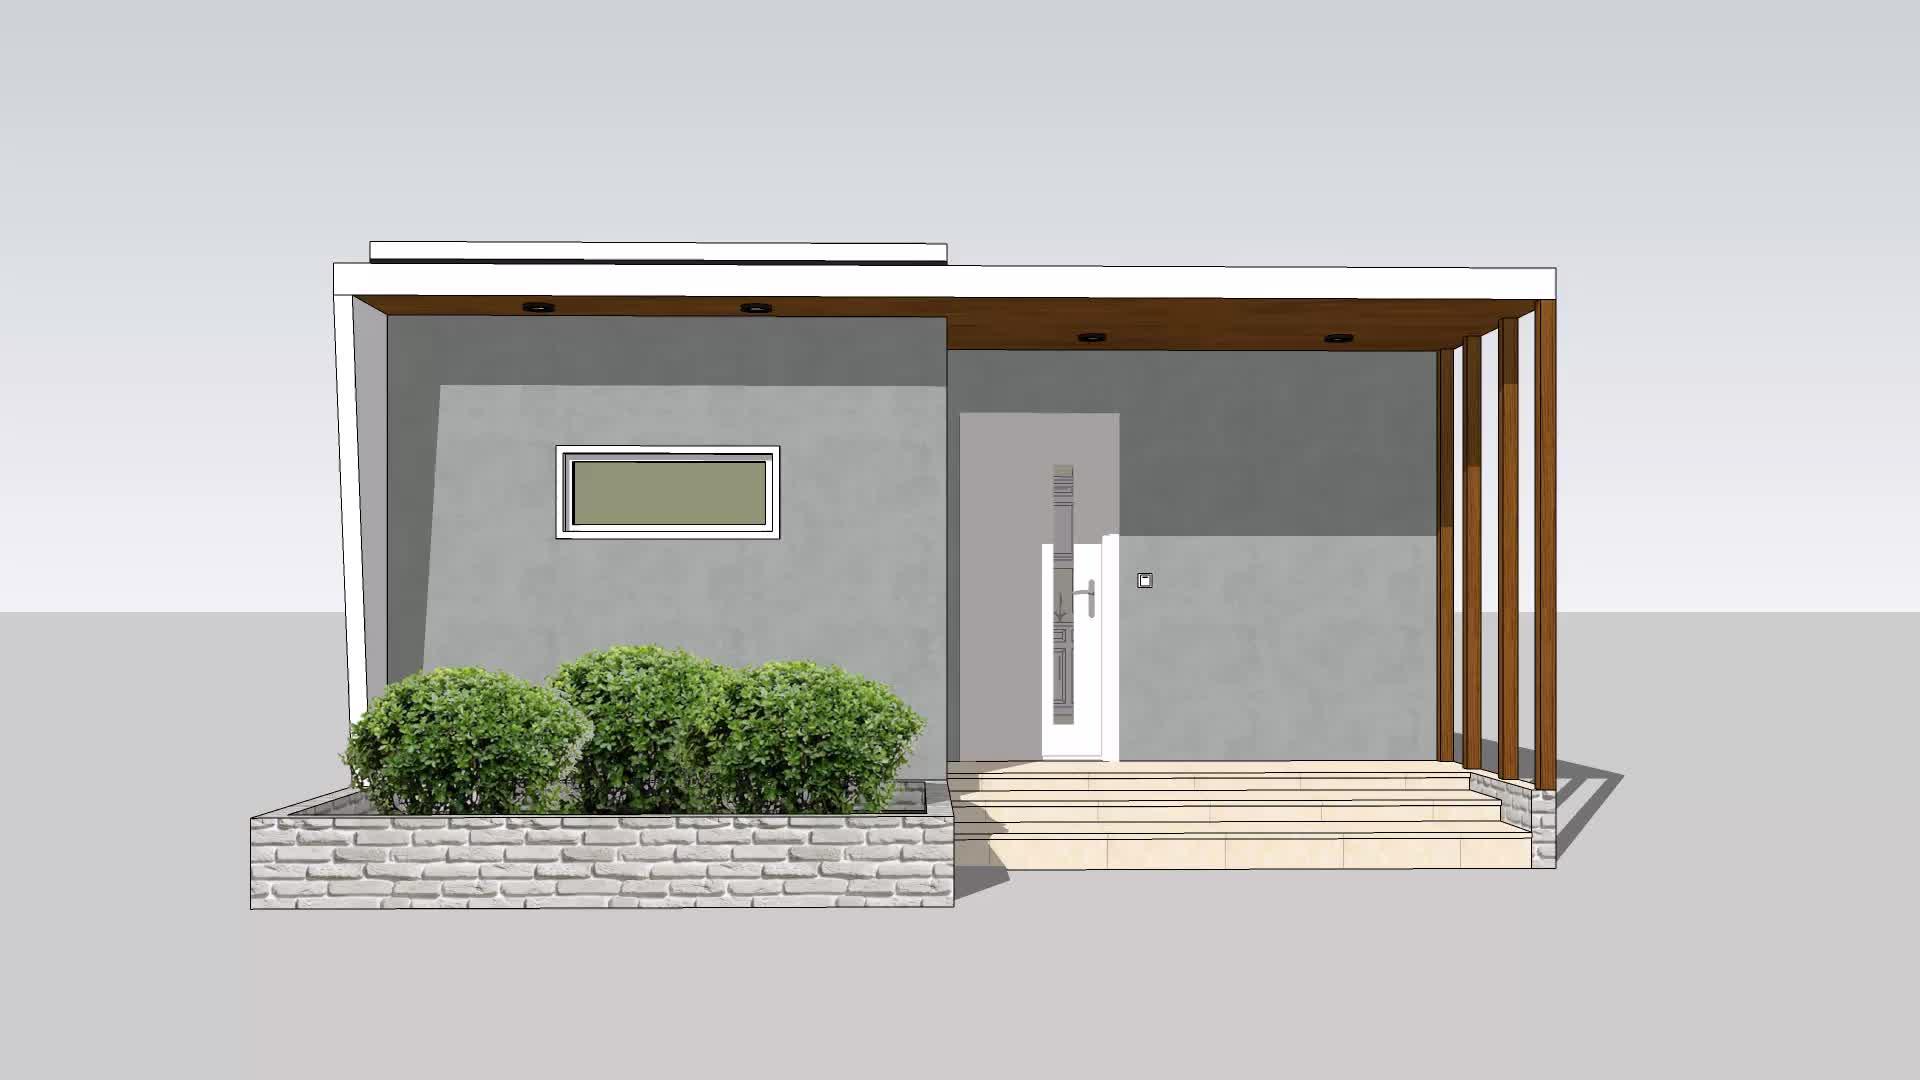 UPS قبل صنع الذاتي بناء التكنولوجيا الجديدة الراقية تصميم منازل الاسمنت EPS جاهزة للشحن